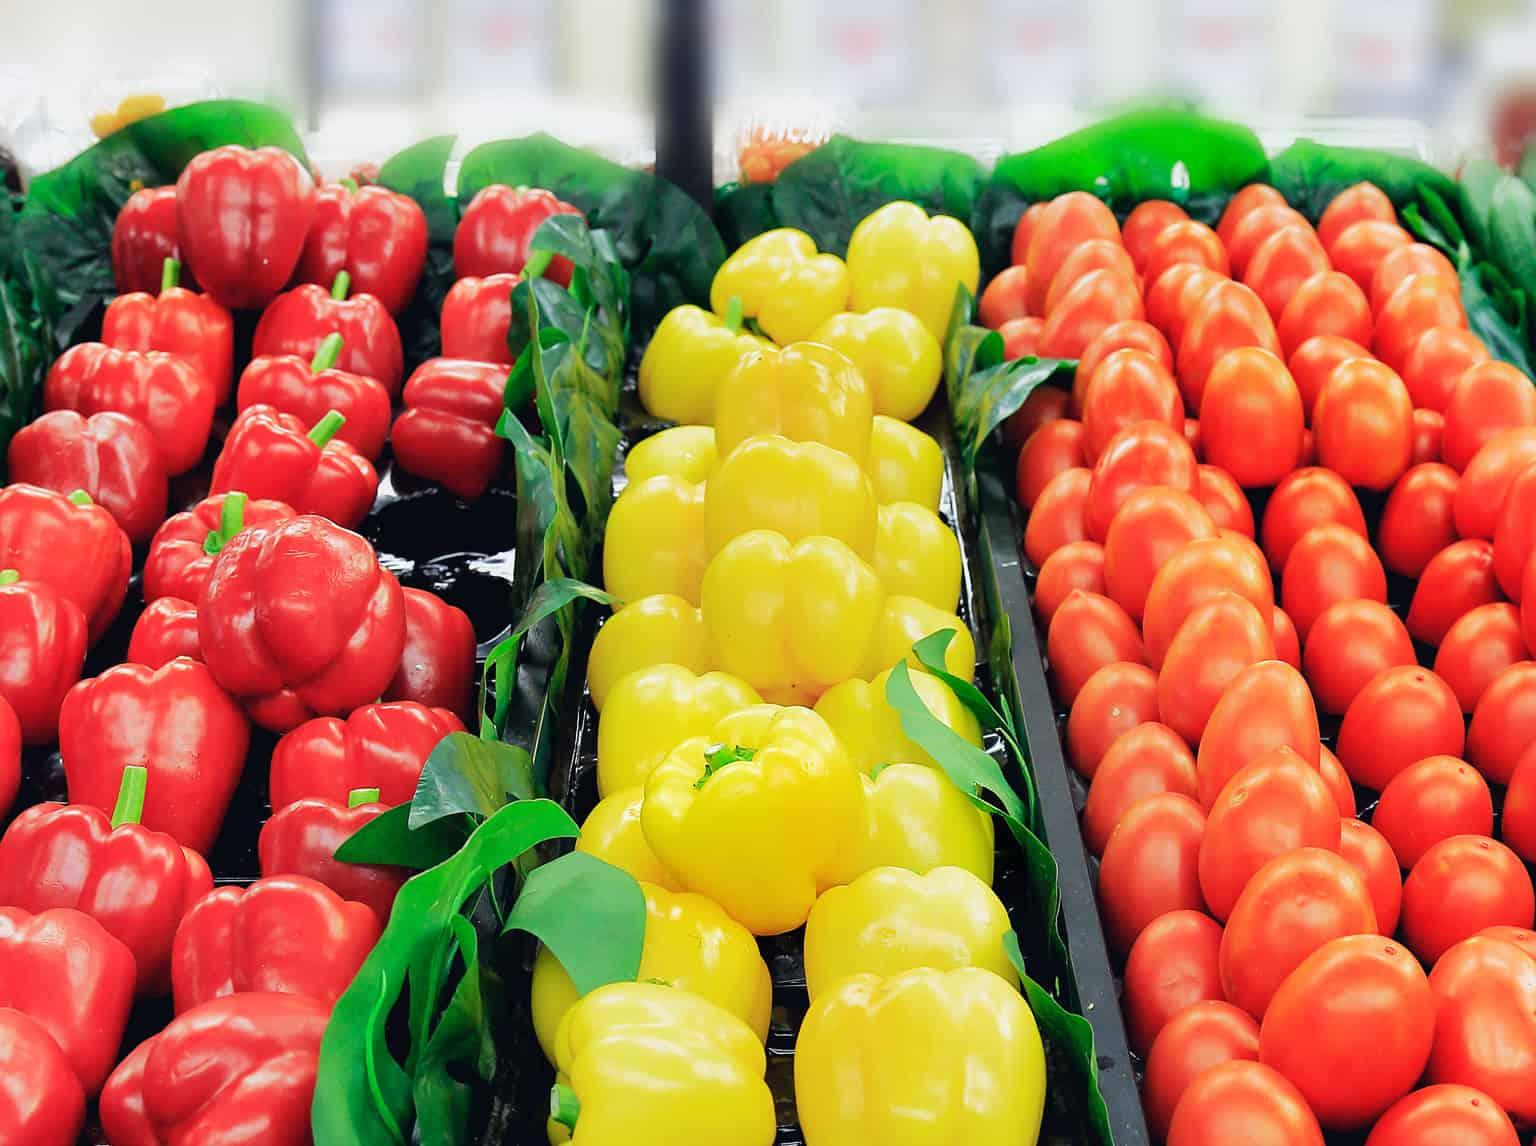 اليد الخفية: على الطريق نحو التخطيط المؤتمت في تجارة المواد الغذائية بالتجزئة